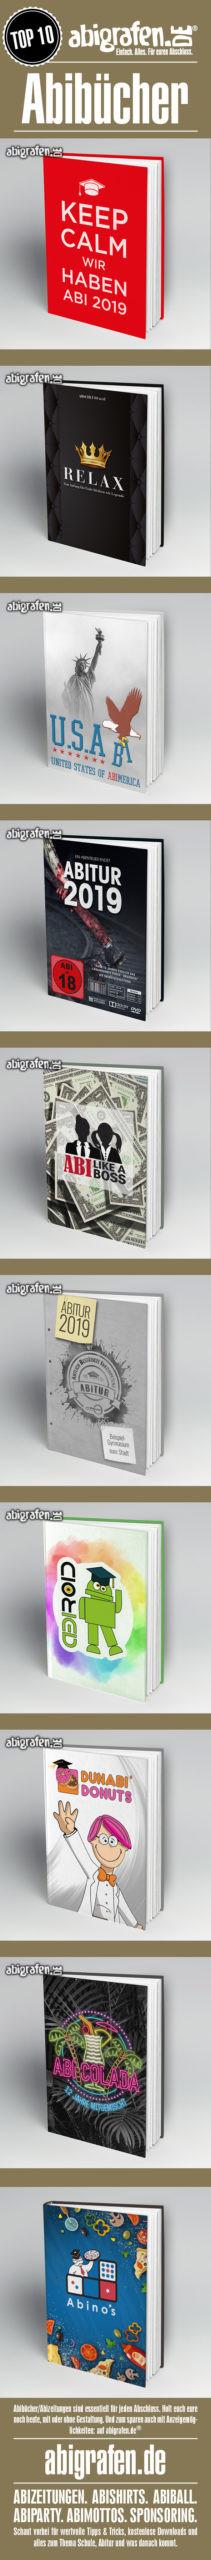 abibücher-abizeitung-cover-motive-design-abigarfen-schüler